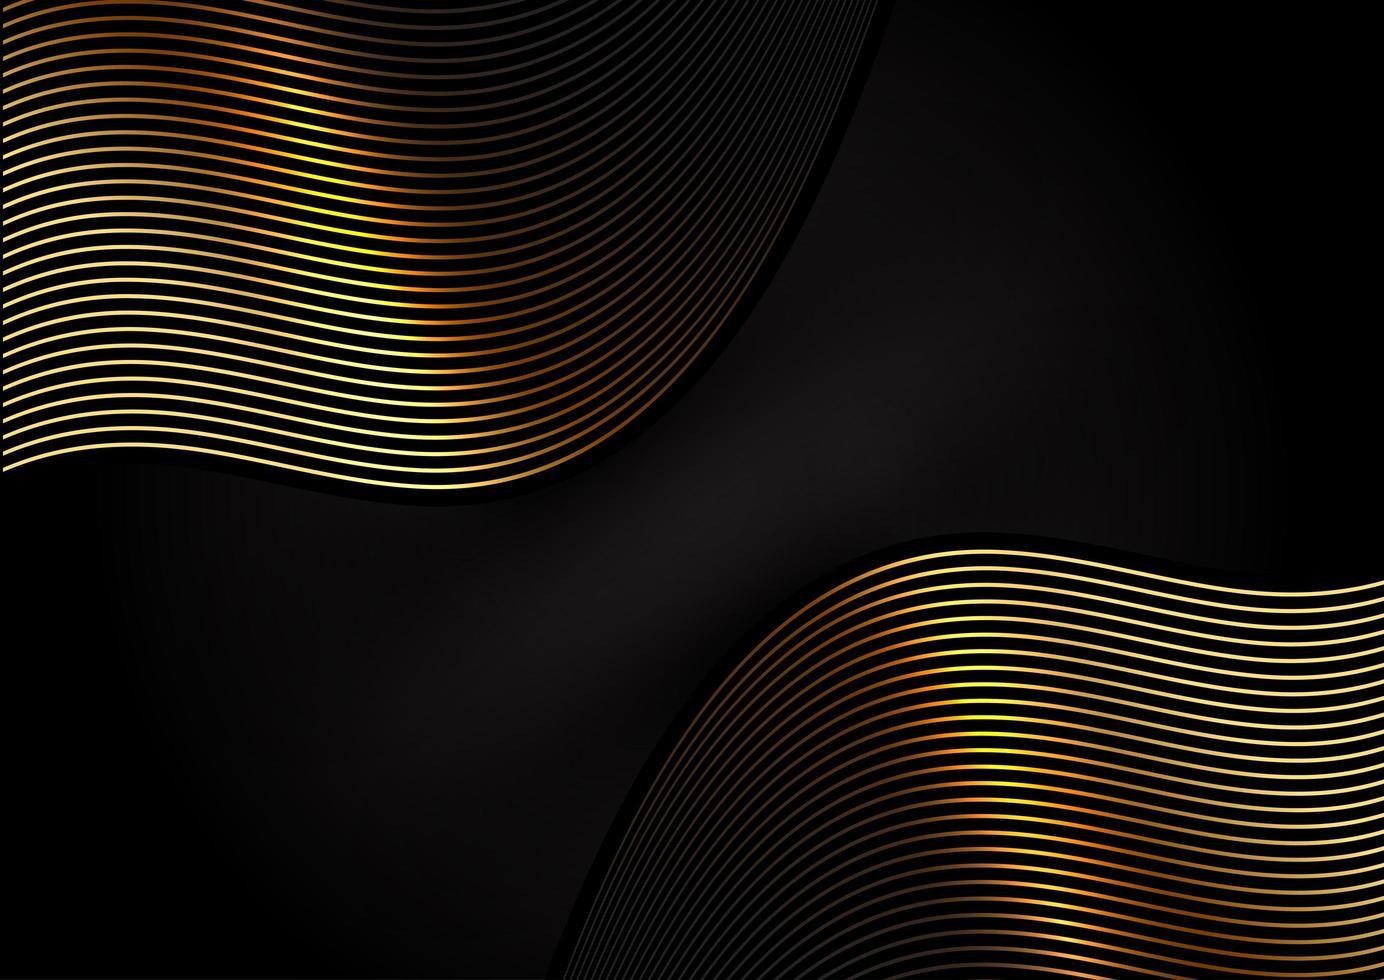 elegante diseño de línea dorada que fluye vector